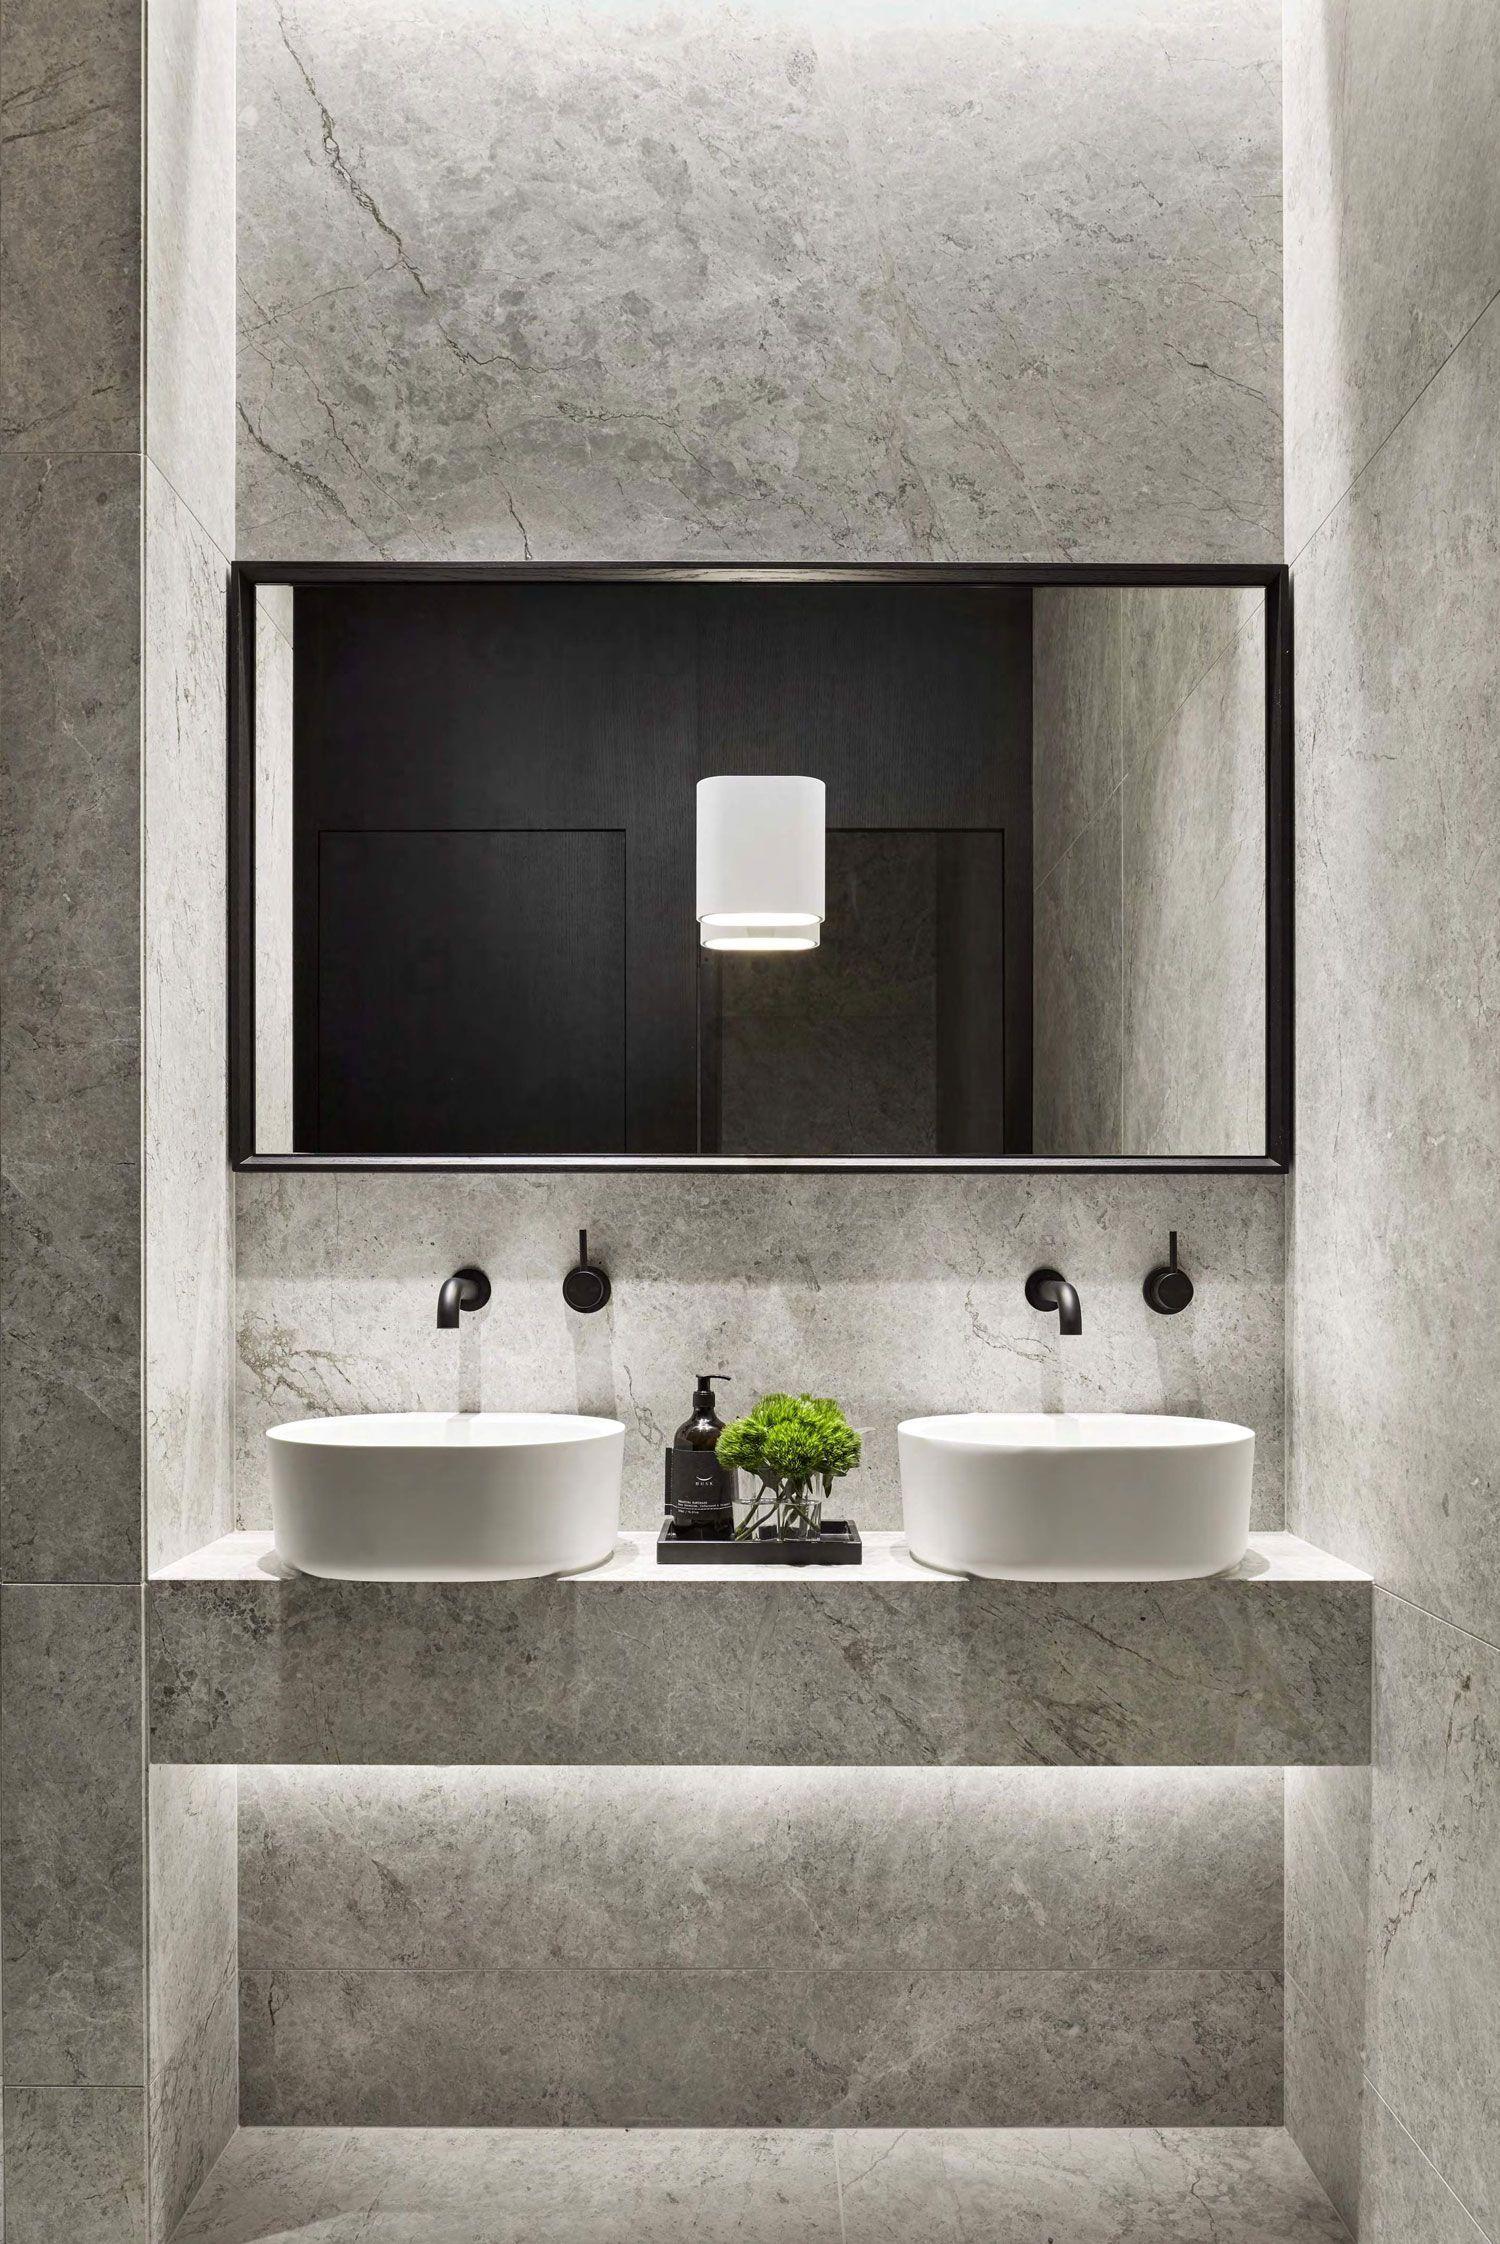 Pin Von Amna Khalid Auf Bathroom | Pinterest | Badezimmer, Kleines Bad  Einrichten Und Bad Einrichten